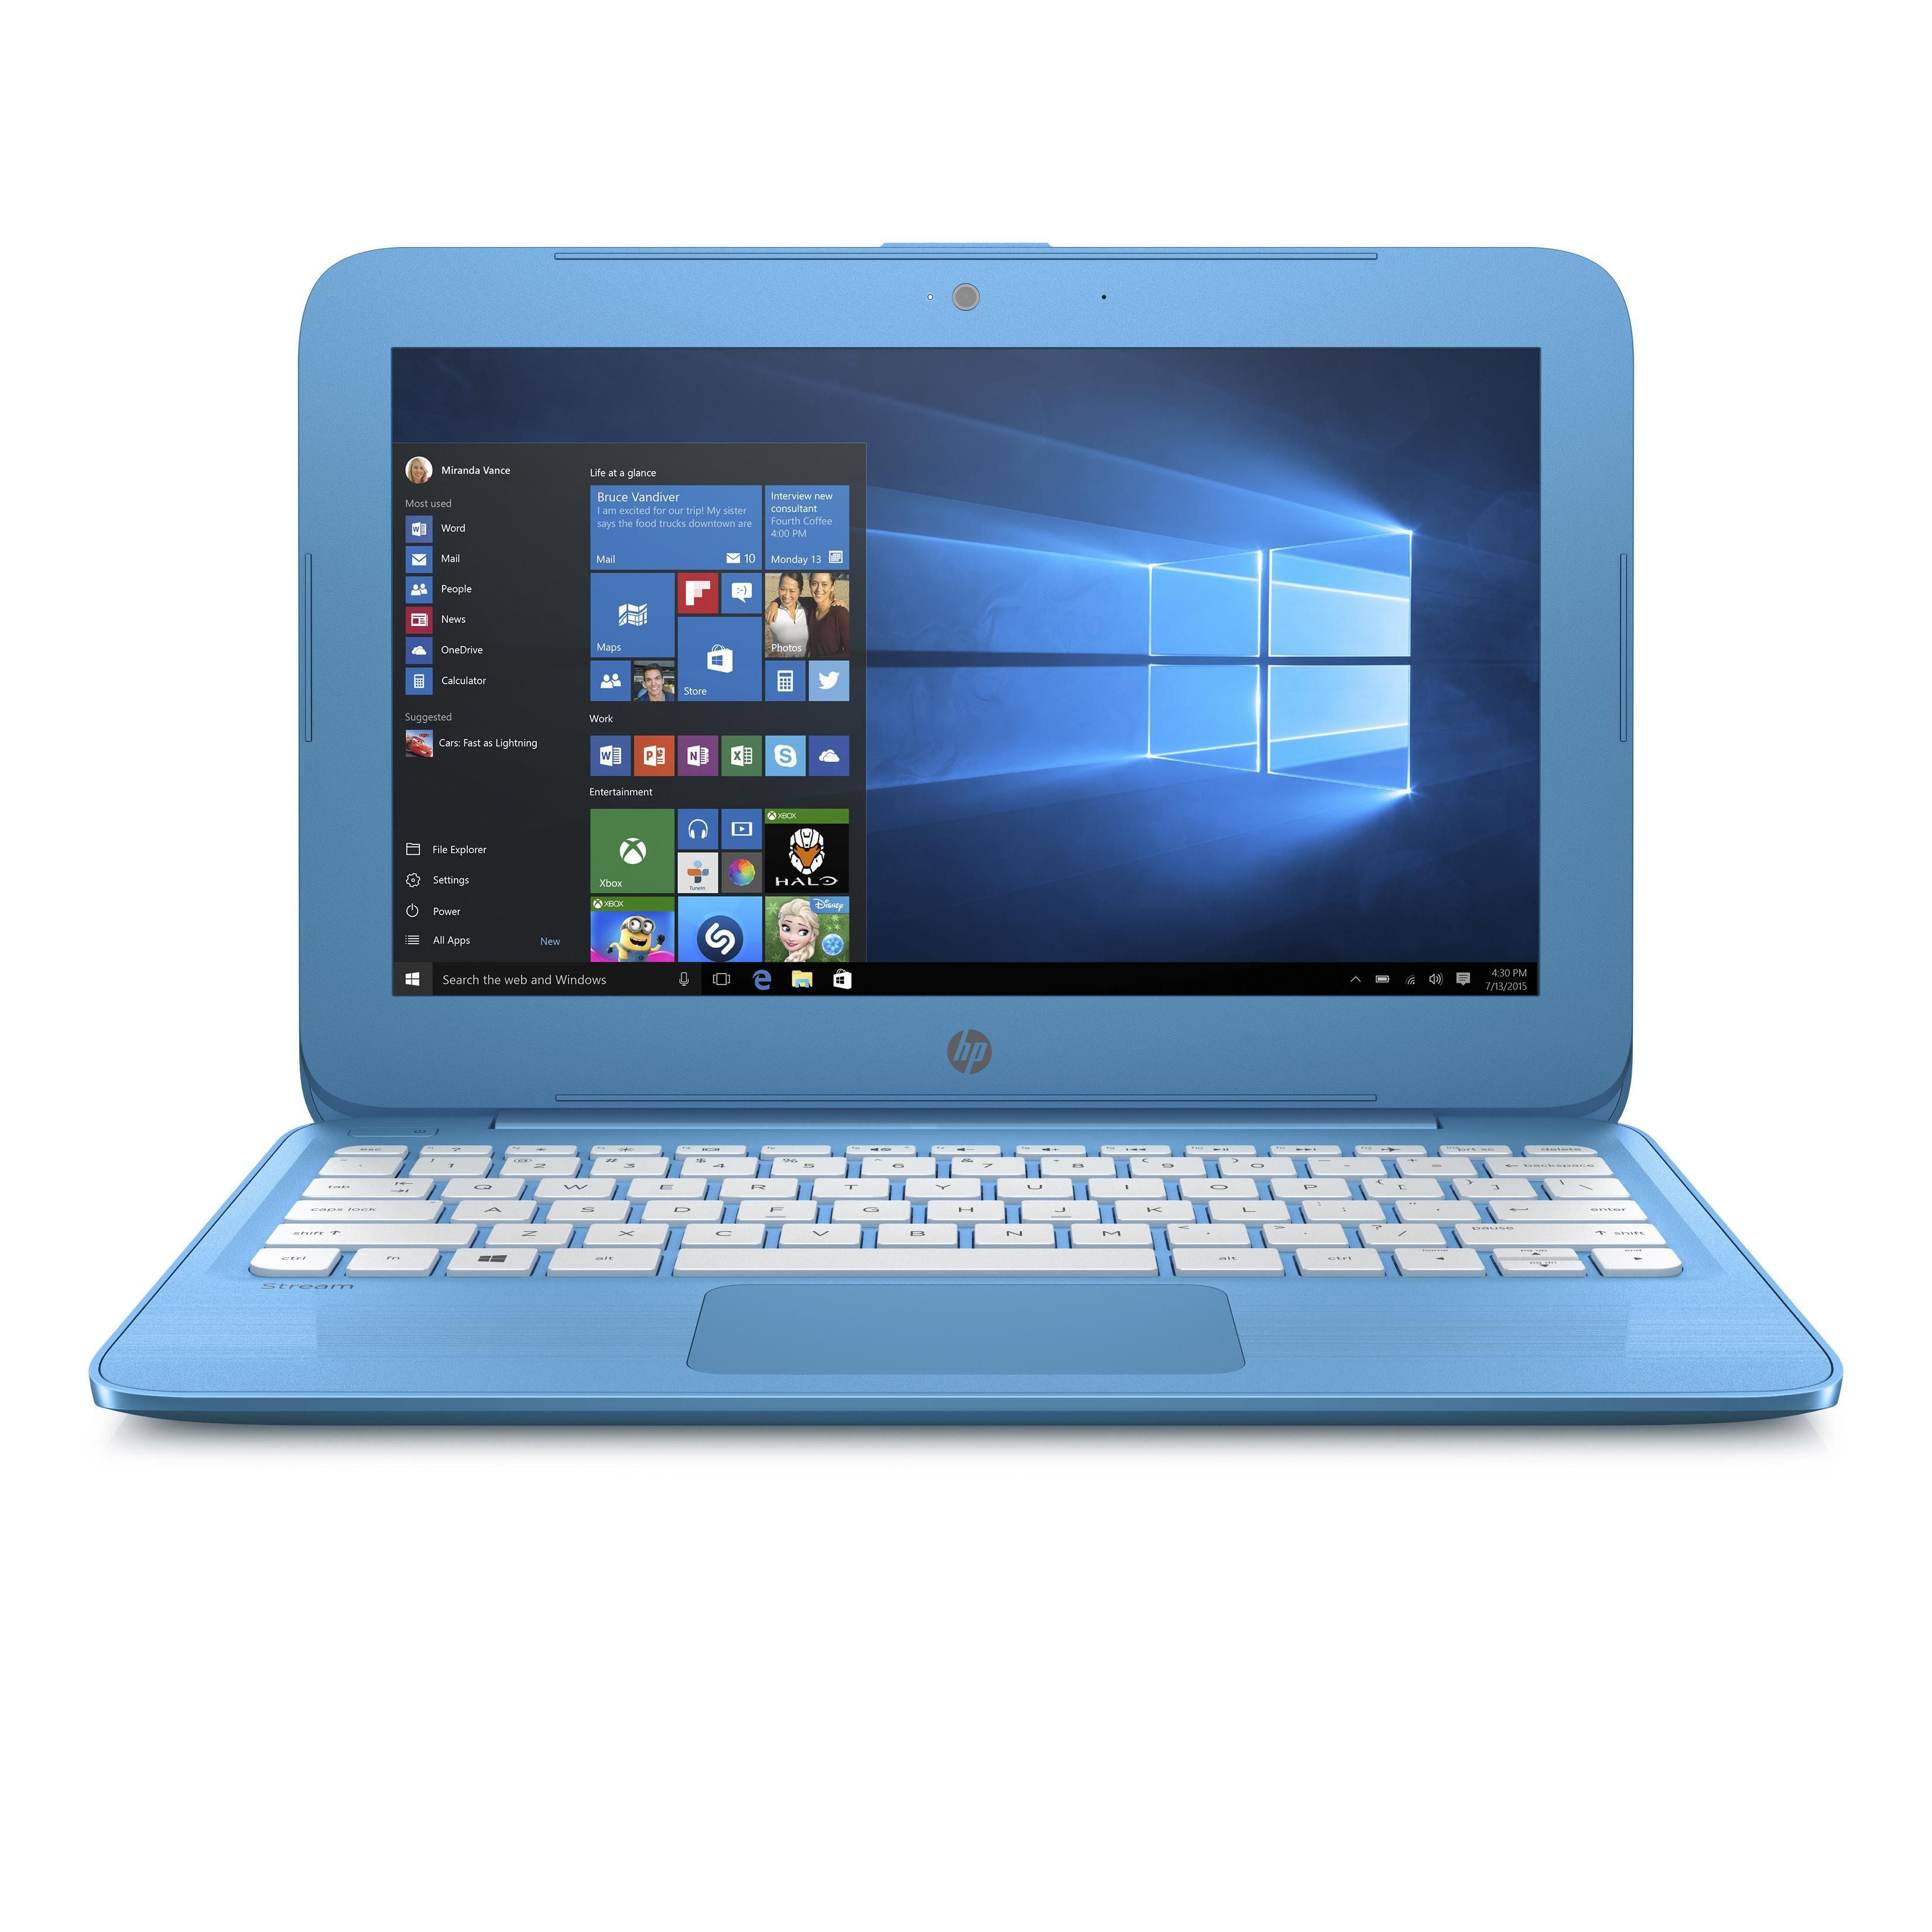 Hp Stream 11 Ah111wm 11 6 Inch 2017 Celeron N4000 4 Gb Hdd 32 Gb In 2021 Hp Laptop Laptop Computers Pc Laptop